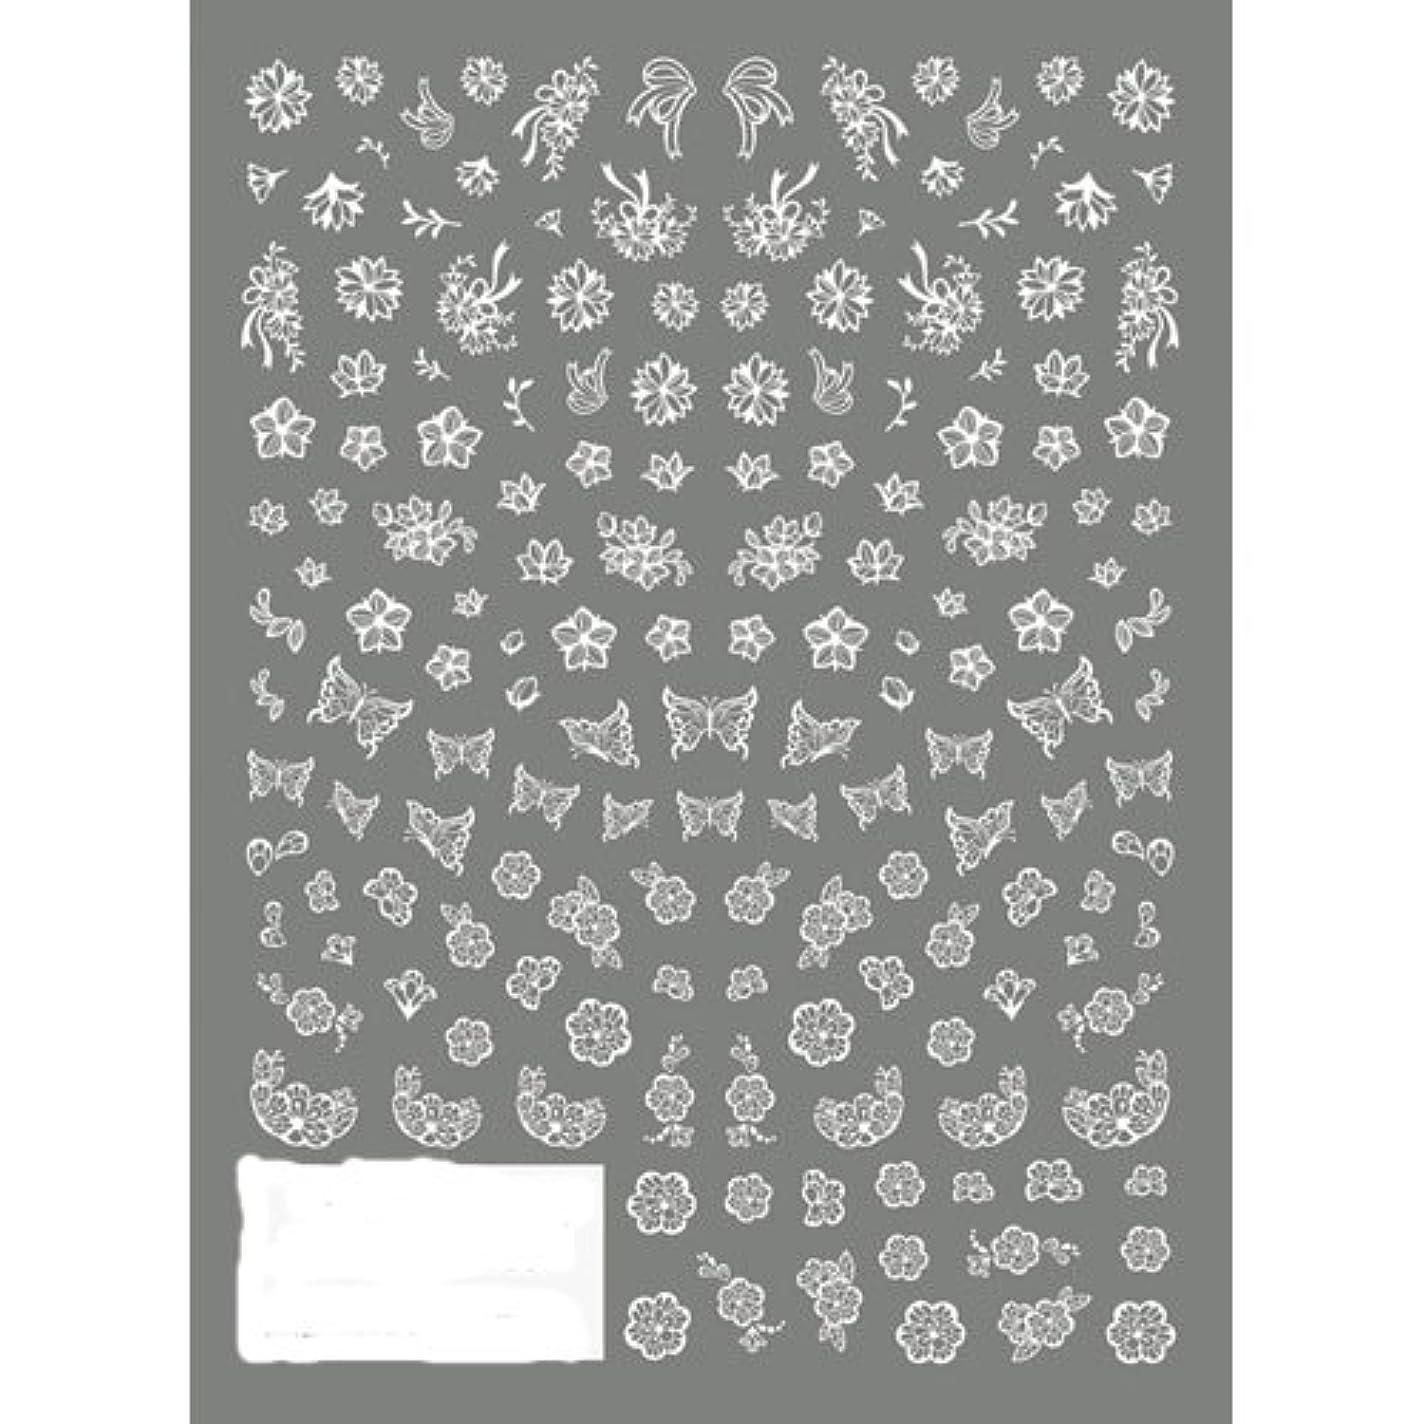 キャンペーンマガジン無ツメキラ ネイル用シール 切り絵 フラワー&バタフライ ホワイト